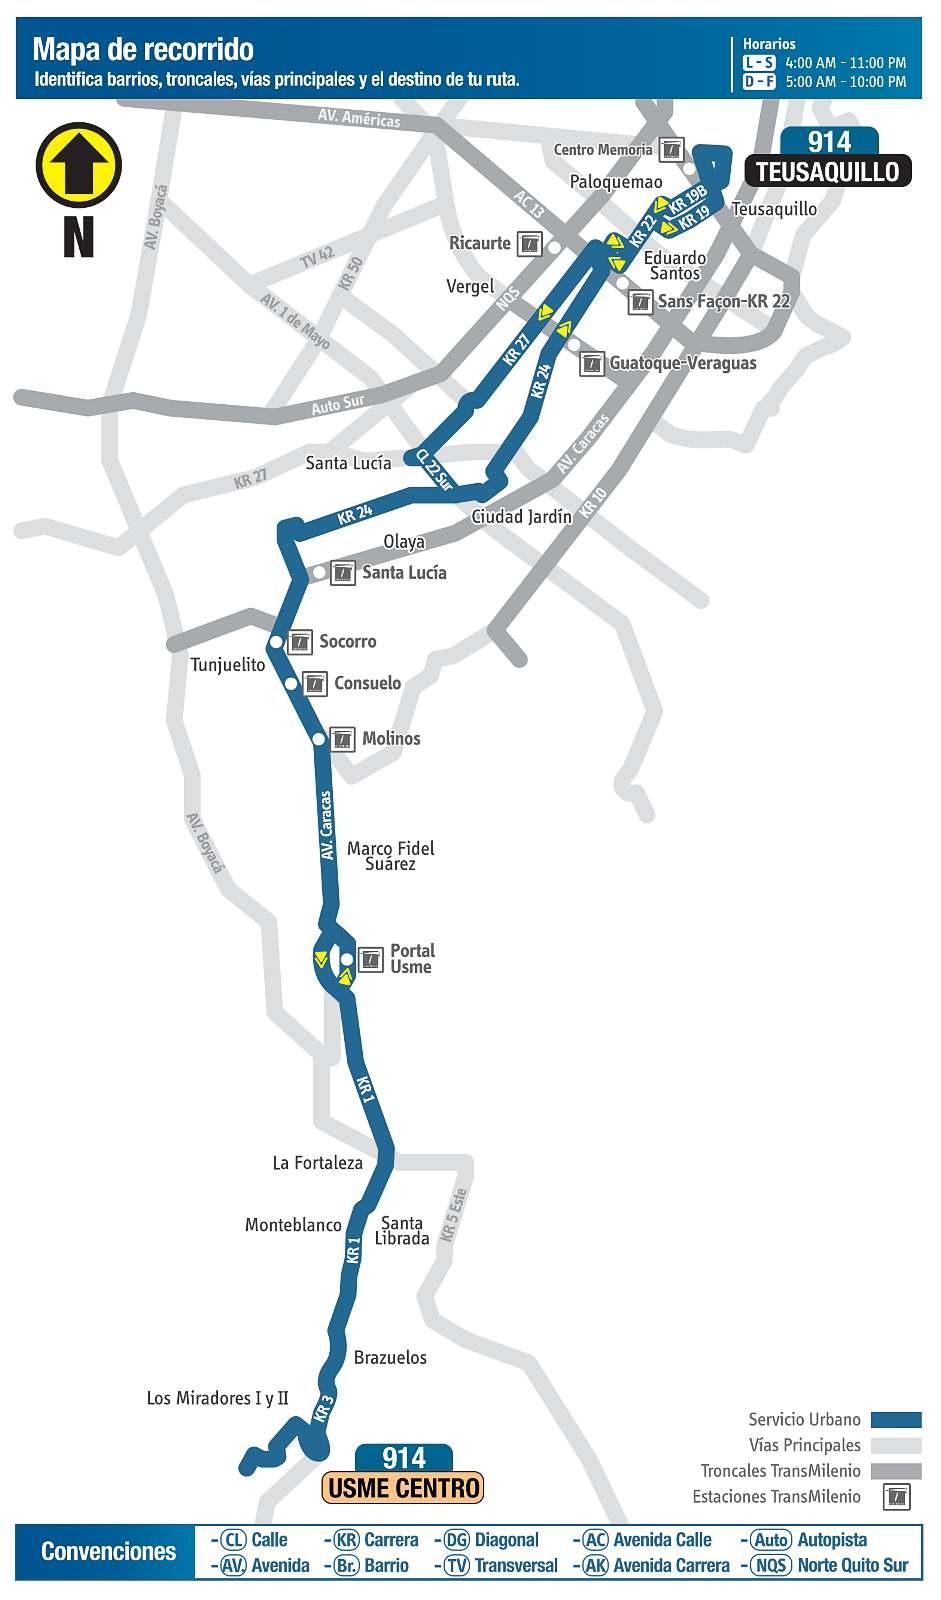 Ruta SITP: 914A Teusaquillo ↔ Usme Centro (mapa)